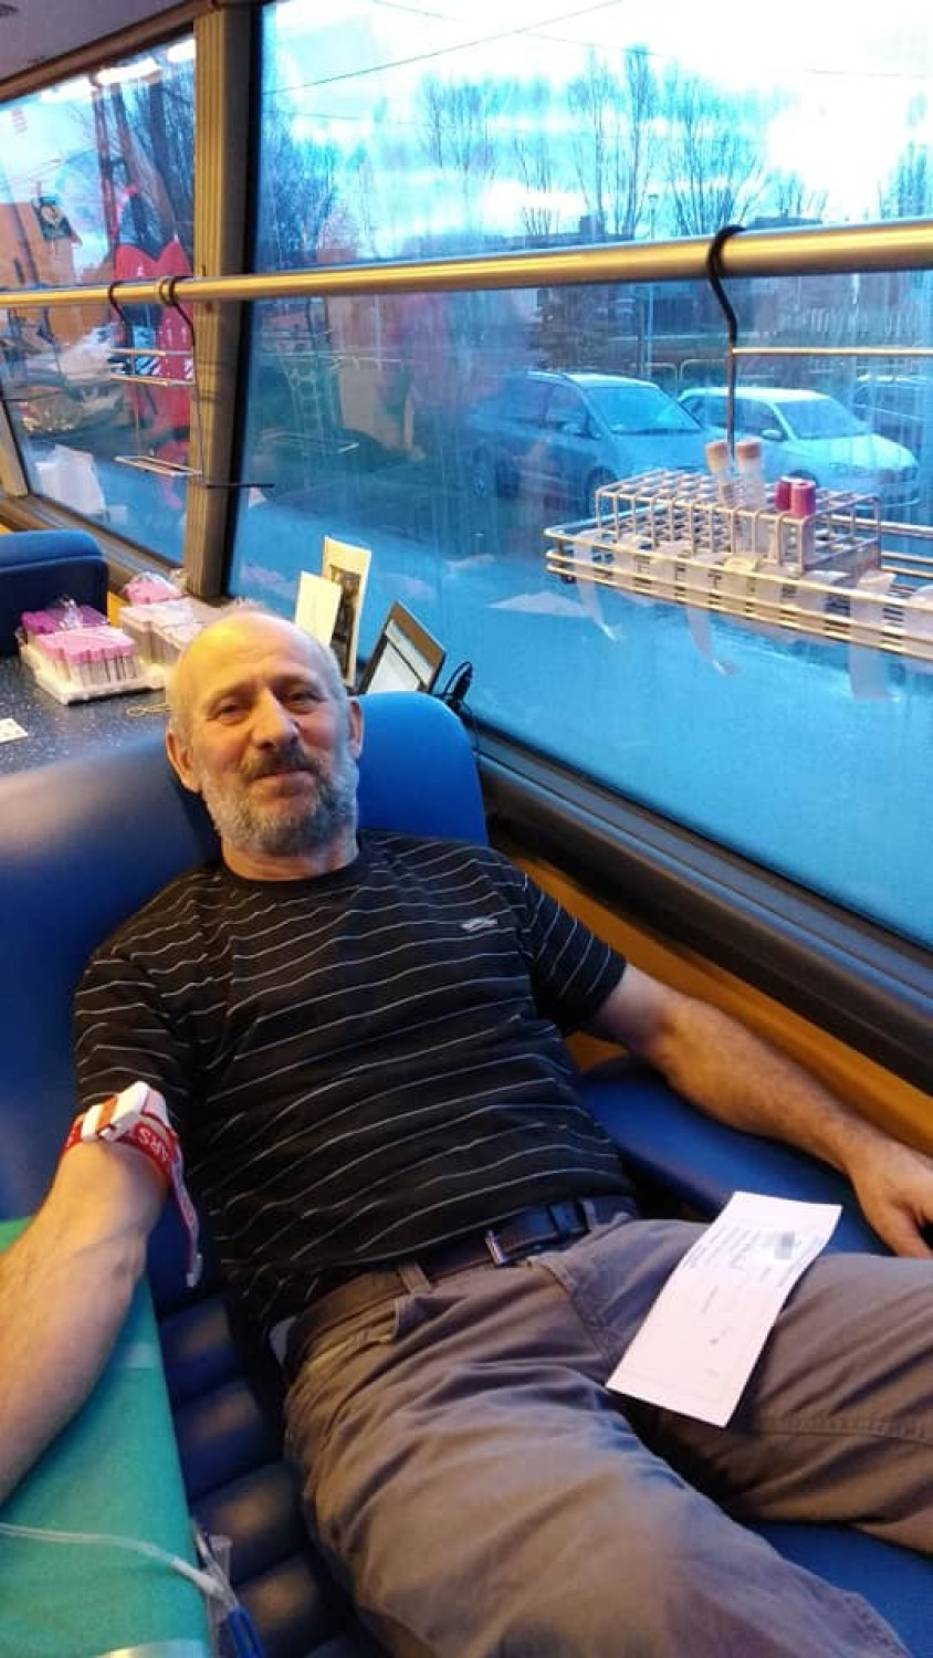 Mobilny pobór krwi w Połchowie 11 stycznia 2020